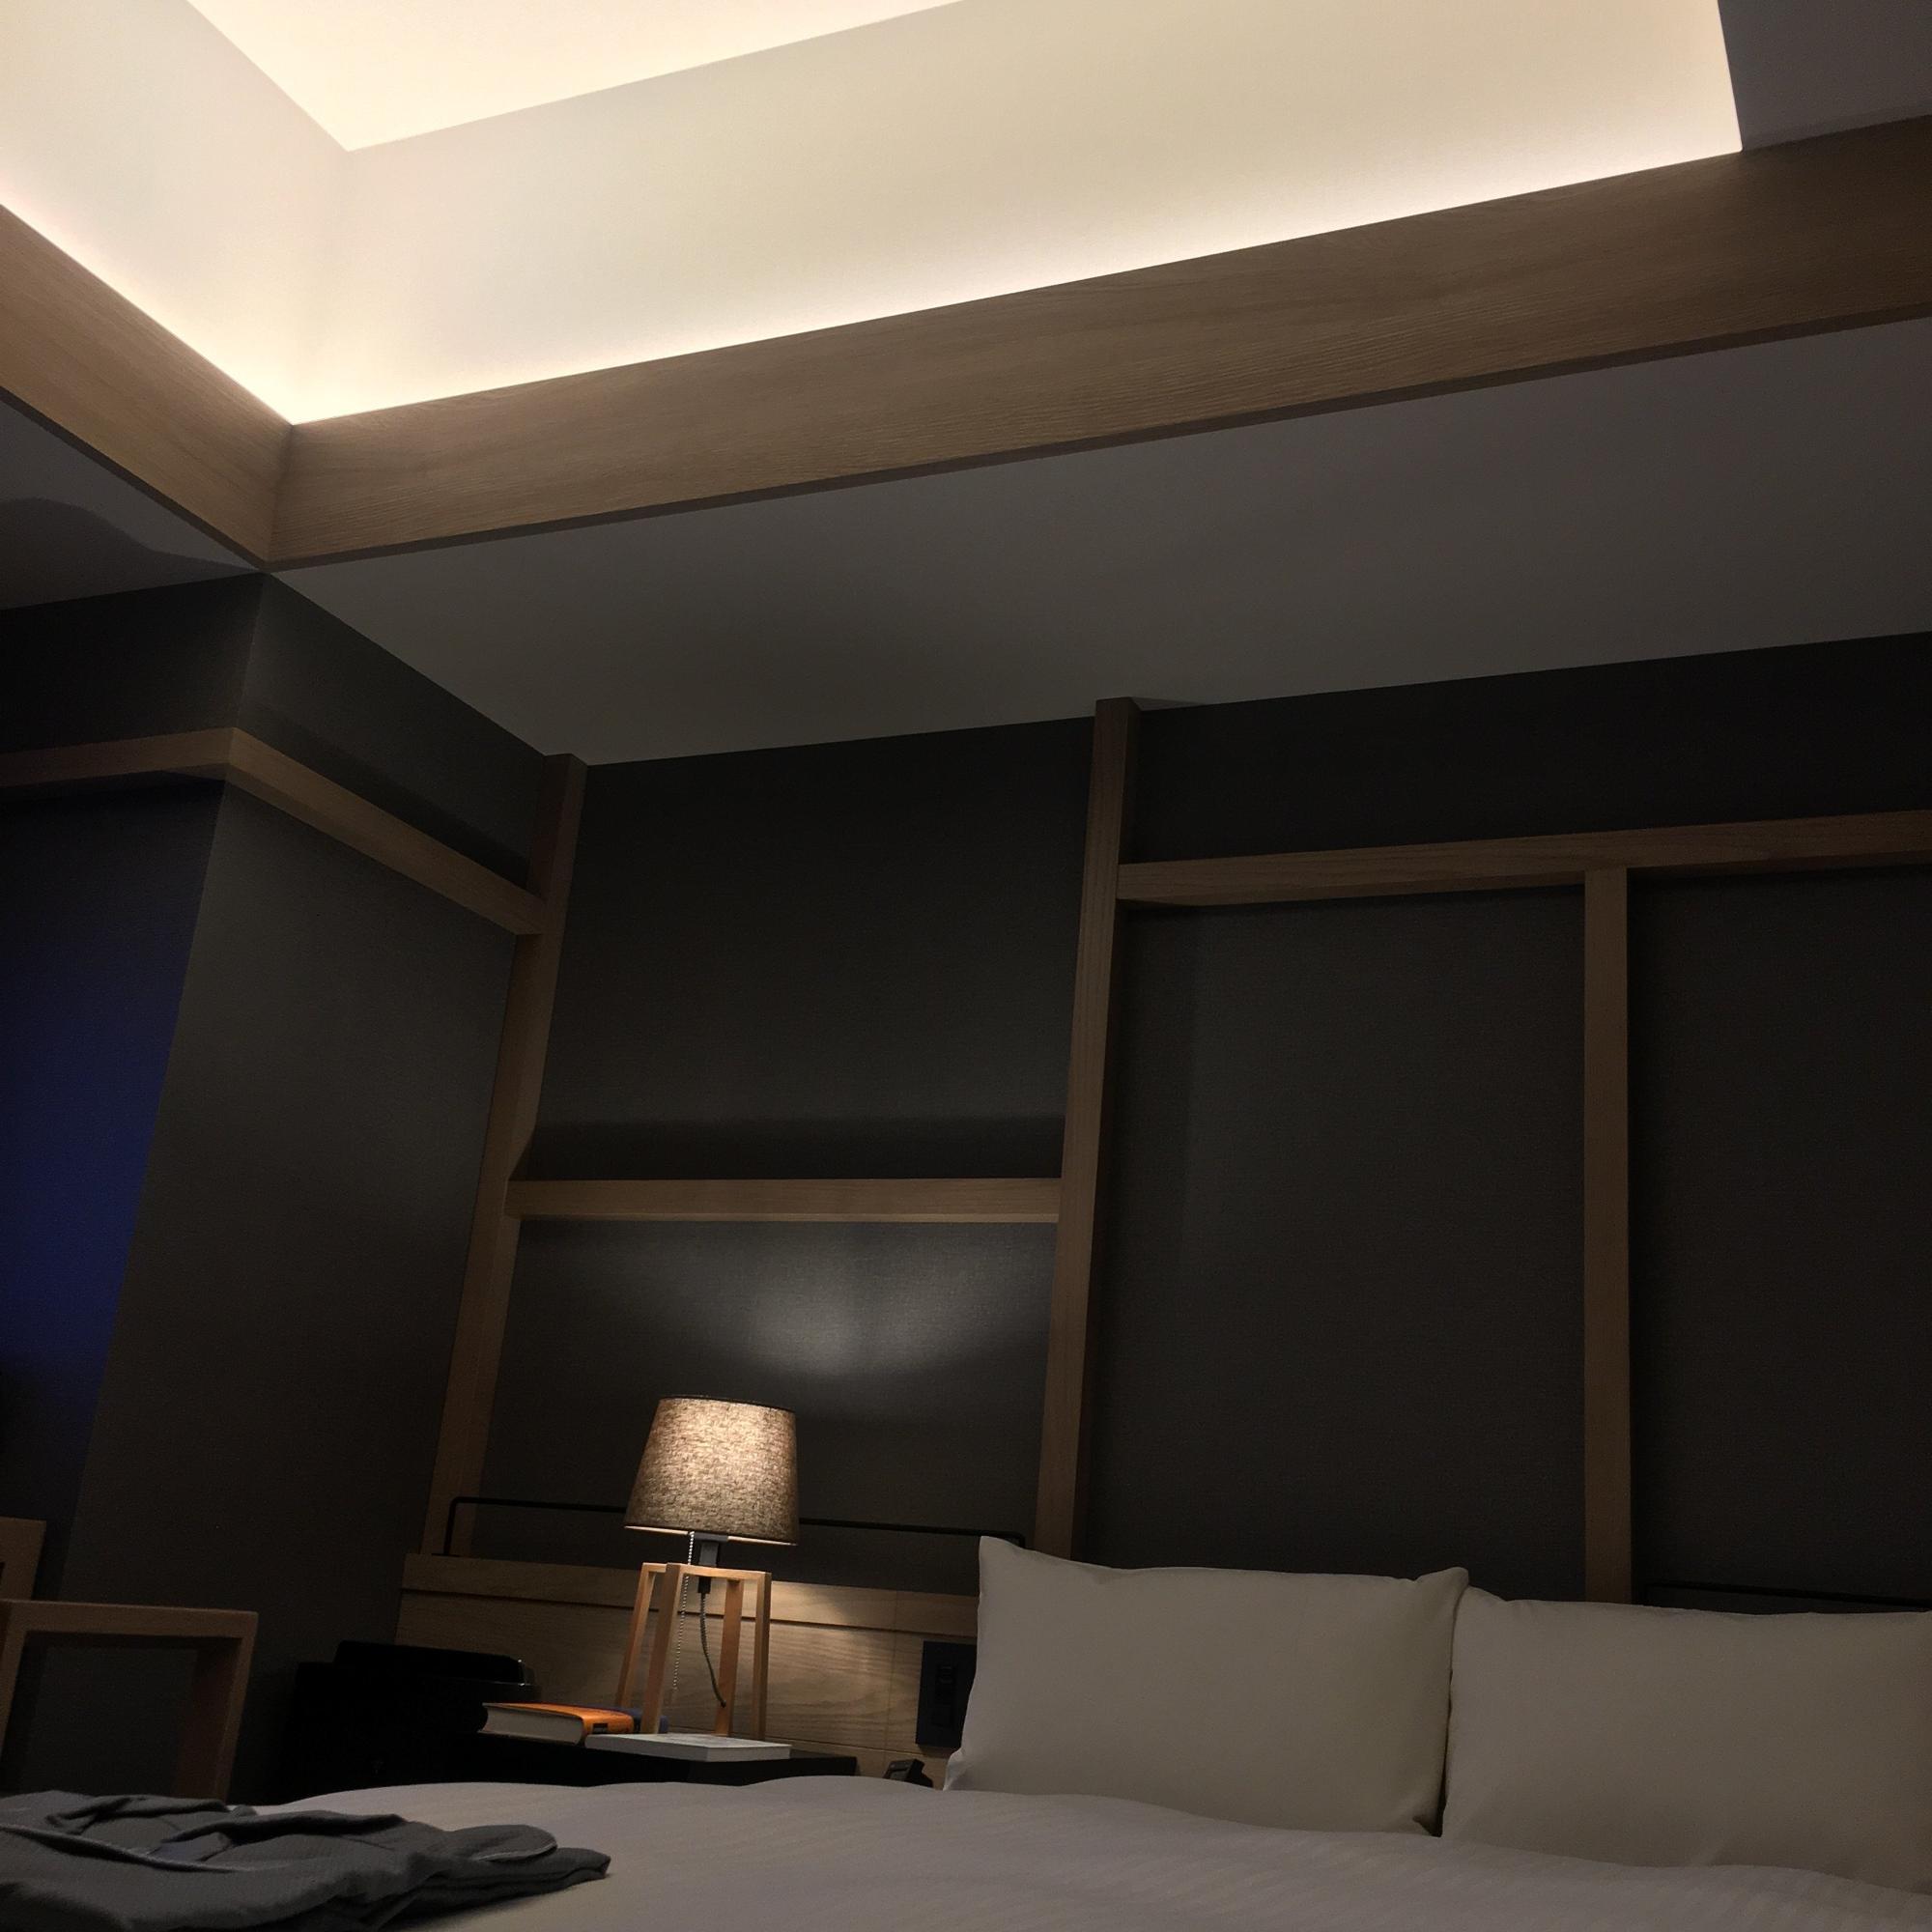 この天井の明かりが、夜遅くまで読書していても目が辛くなくて、とてもよかったです